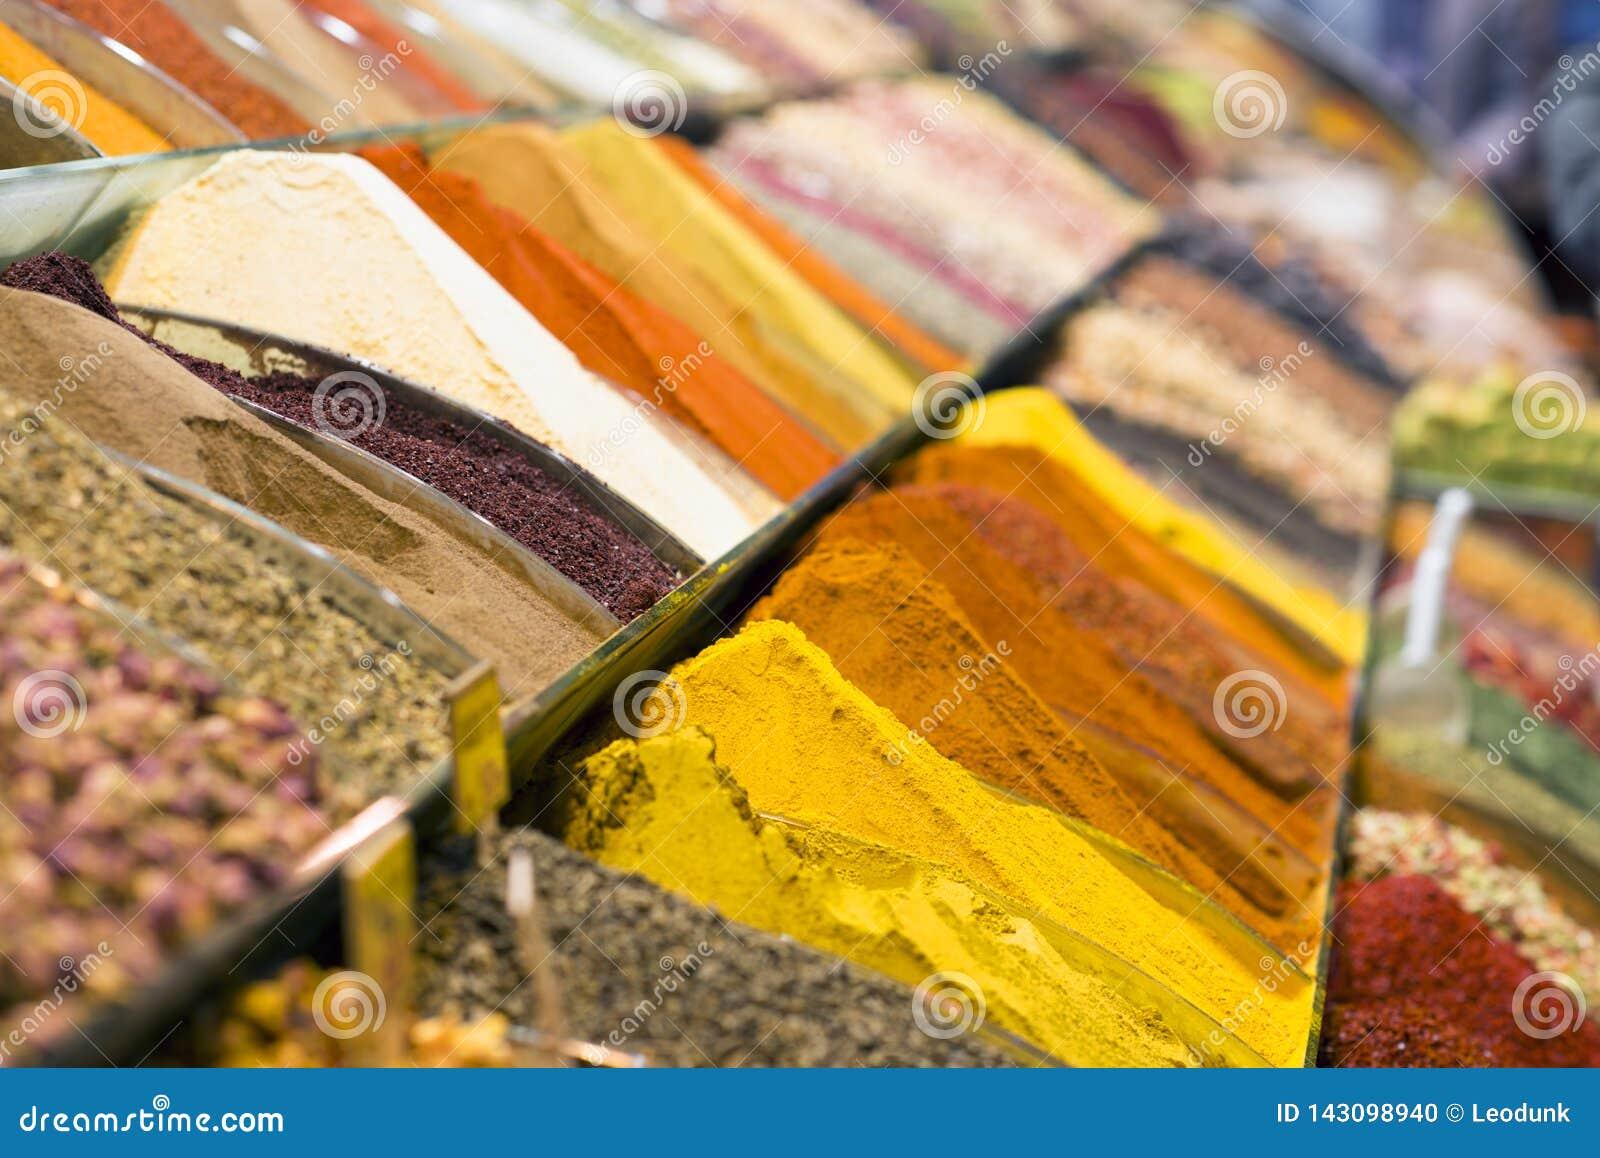 土耳其香料看法在盛大香料义卖市场 五颜六色的香料在销售商店在伊斯坦布尔上,土耳其香料市场